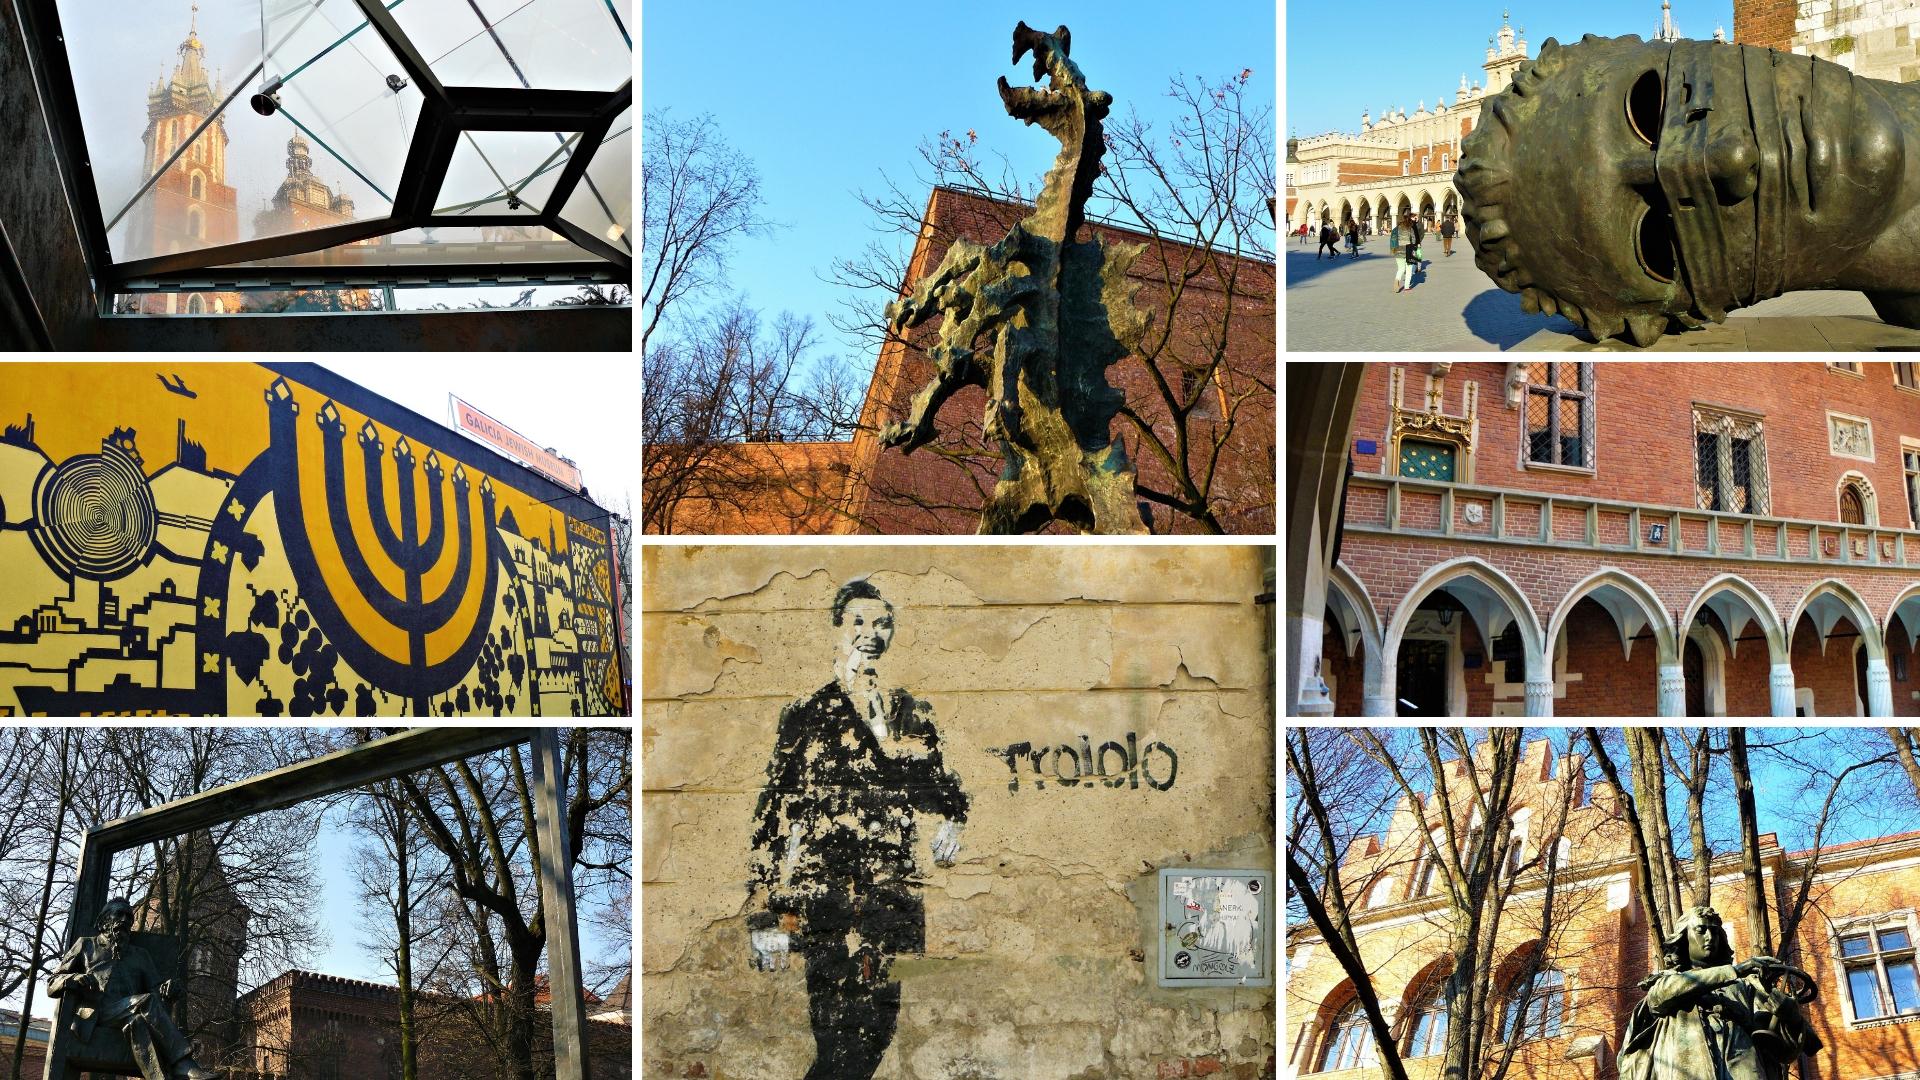 cracovie vieille ville pologne blog voyage europe de l'est train arpenter le chemin